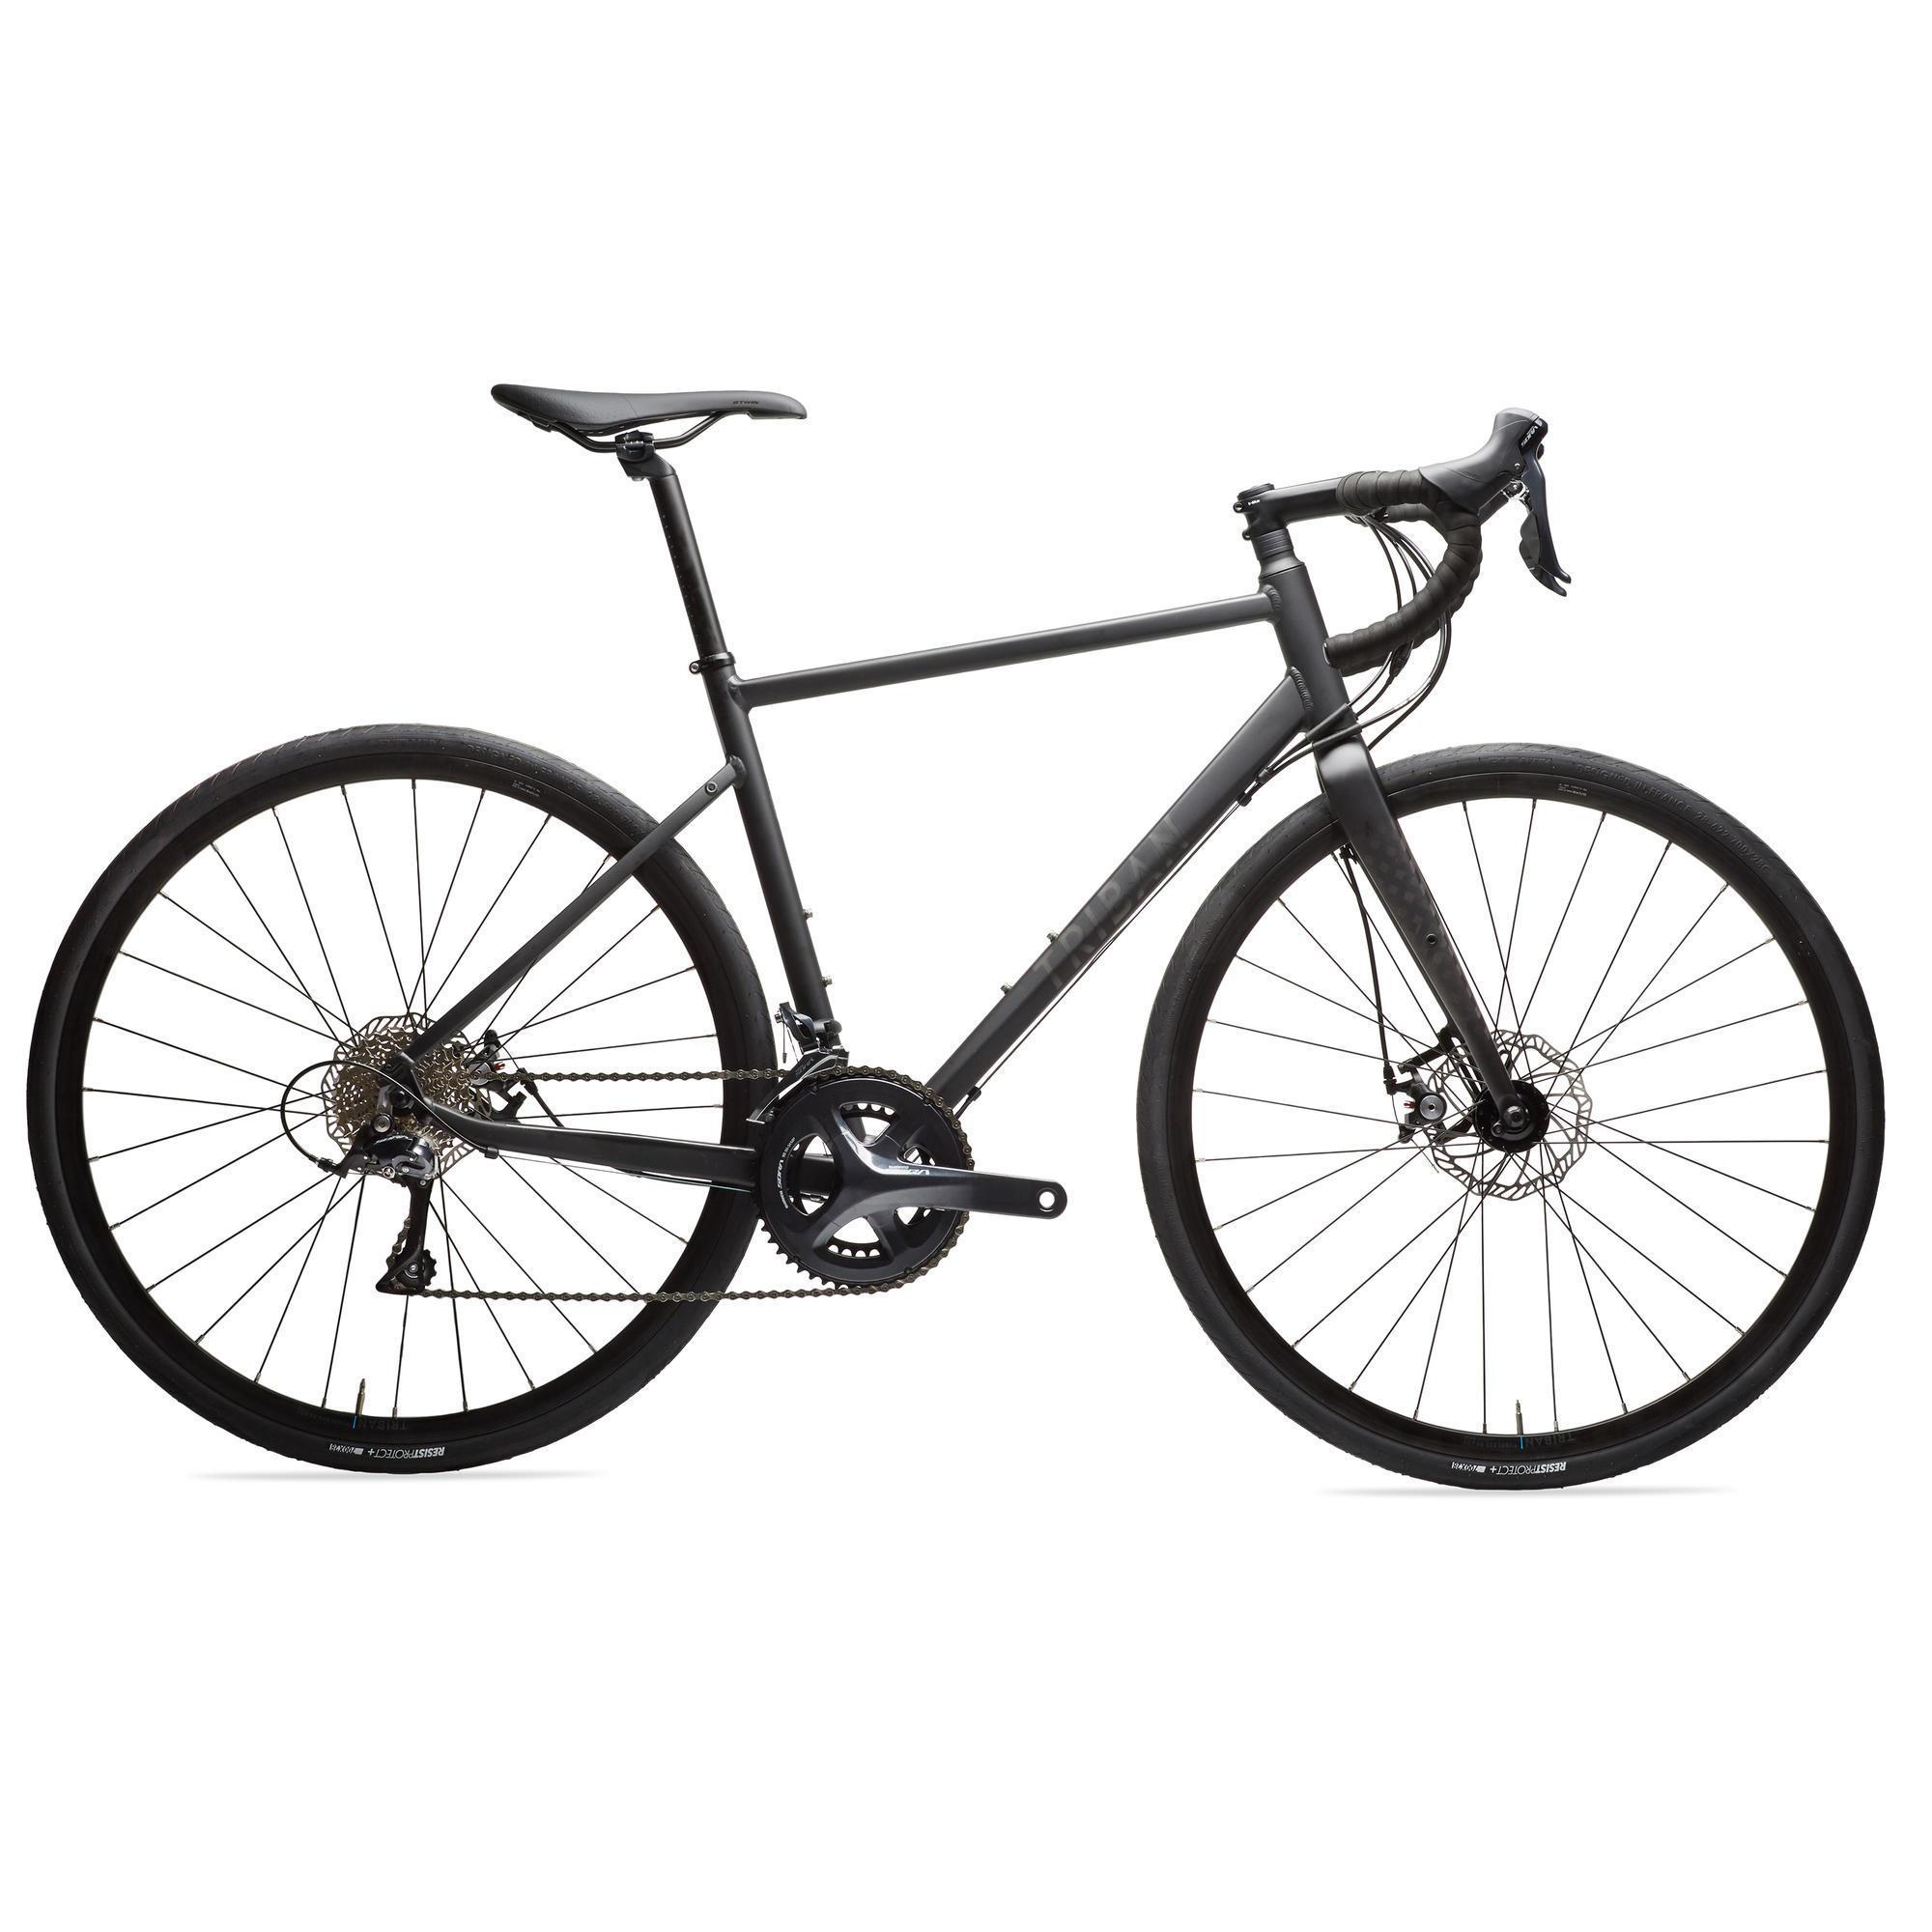 Maquinilla de afeitar Ártico Indulgente  Road Bikes | Carbon & Alloy | Free Delivery | Decathlon